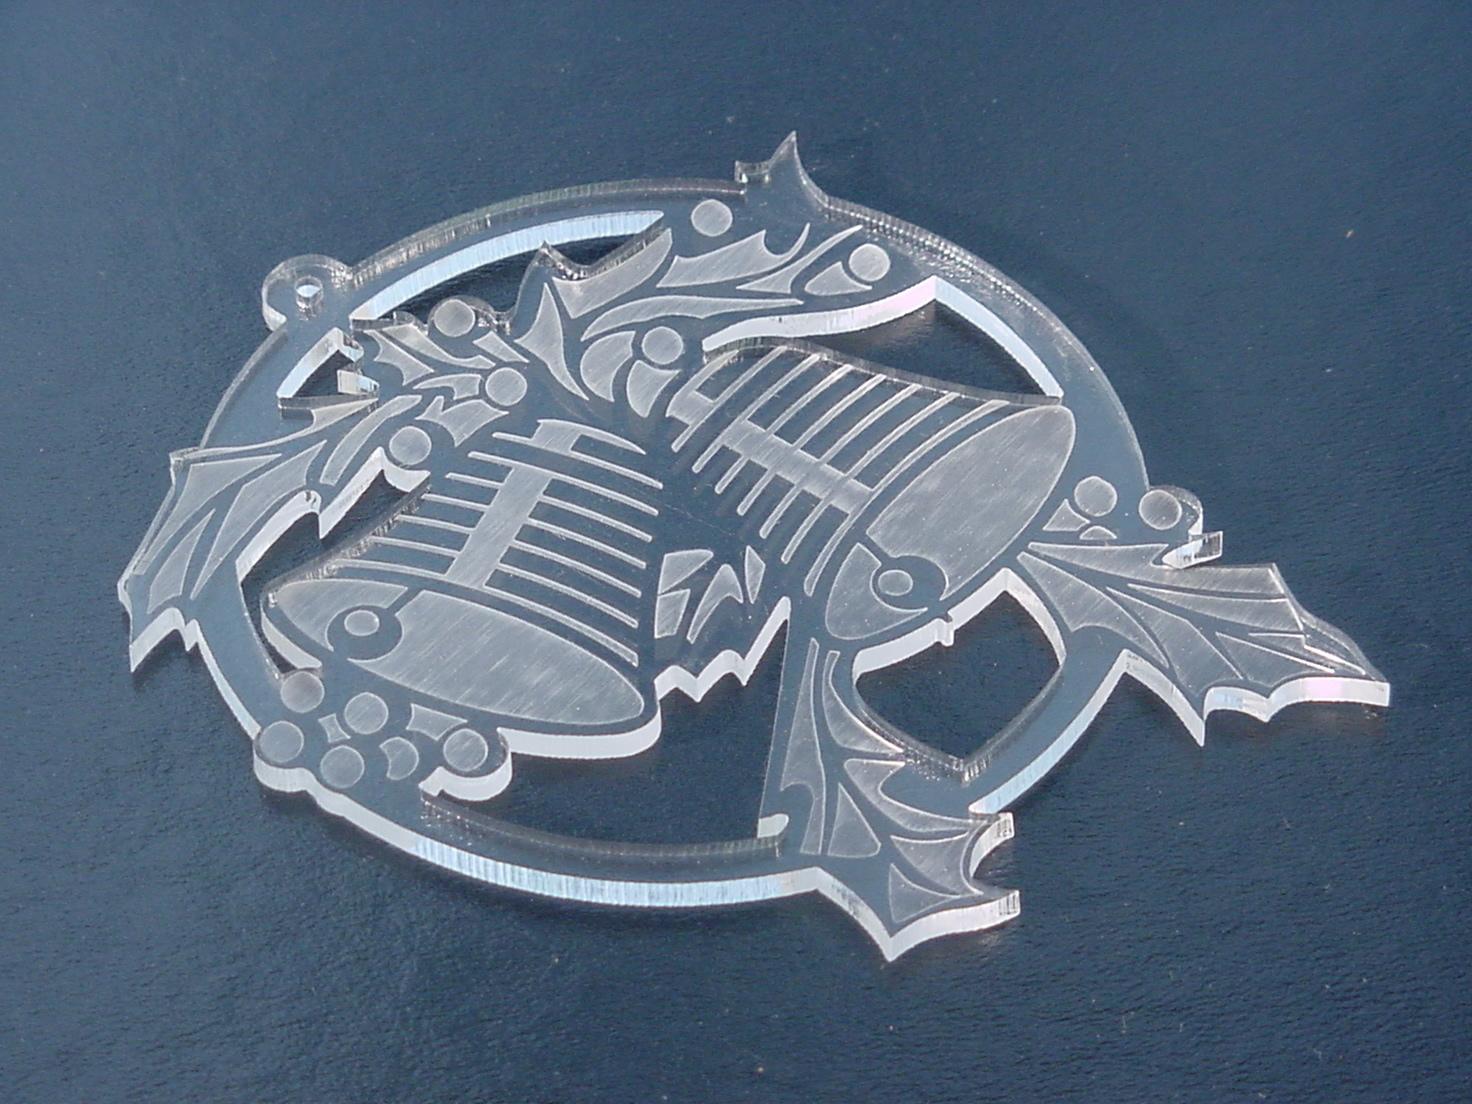 engraving engrave brand branding stamp stamping